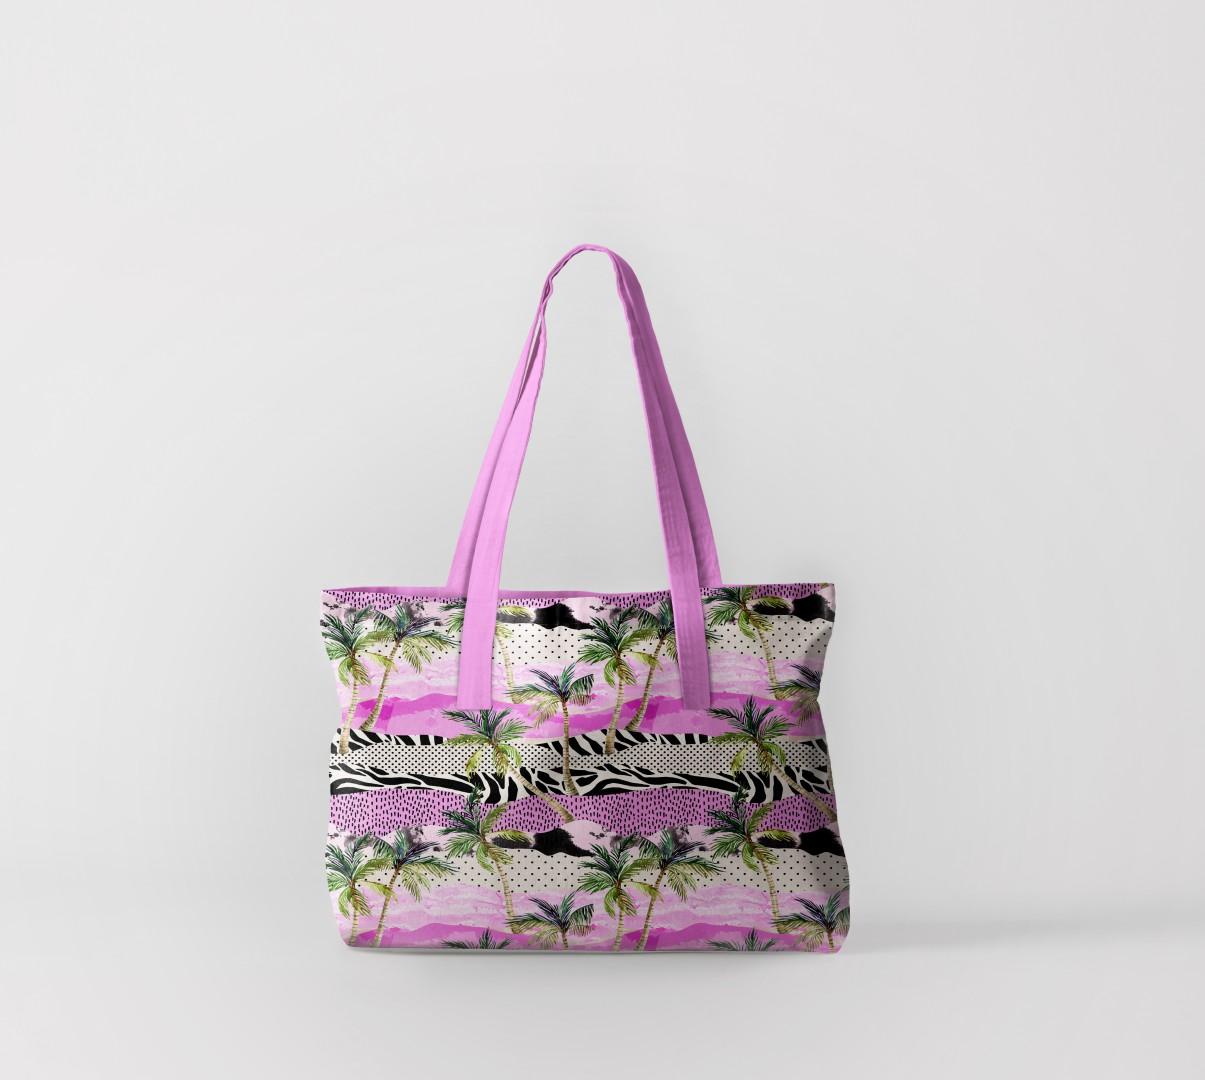 Пляжная сумка Флора тропиков 6 (50х40 см) Олимп Текстиль oli732606